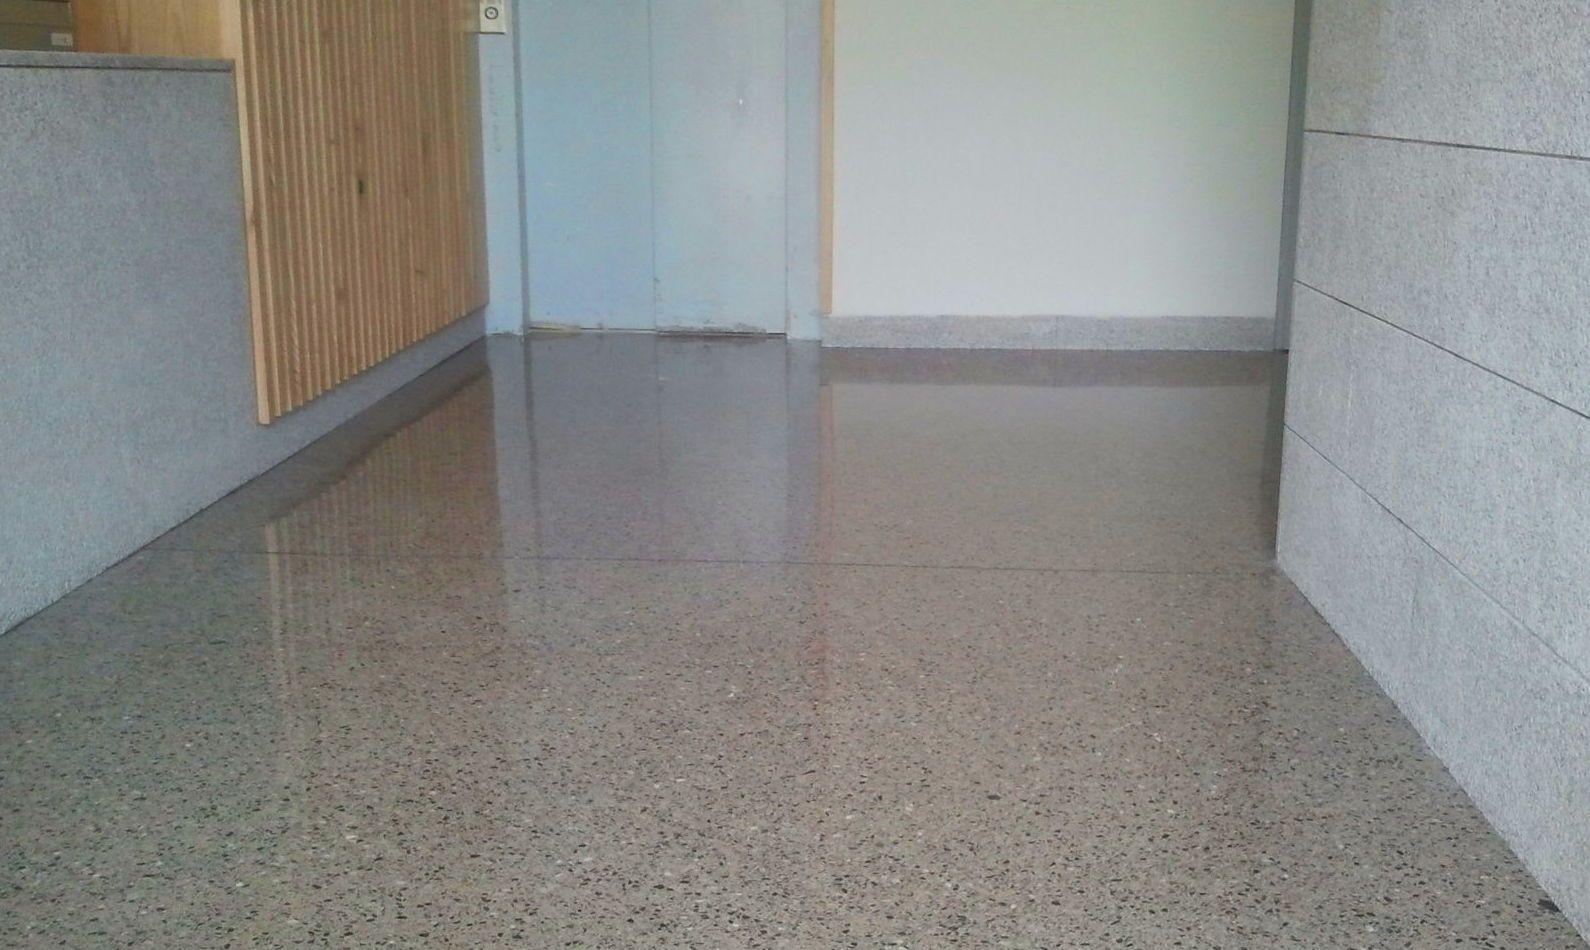 Pulido de suelos en asturias pulidos rub - Suelo de cemento pulido precio ...